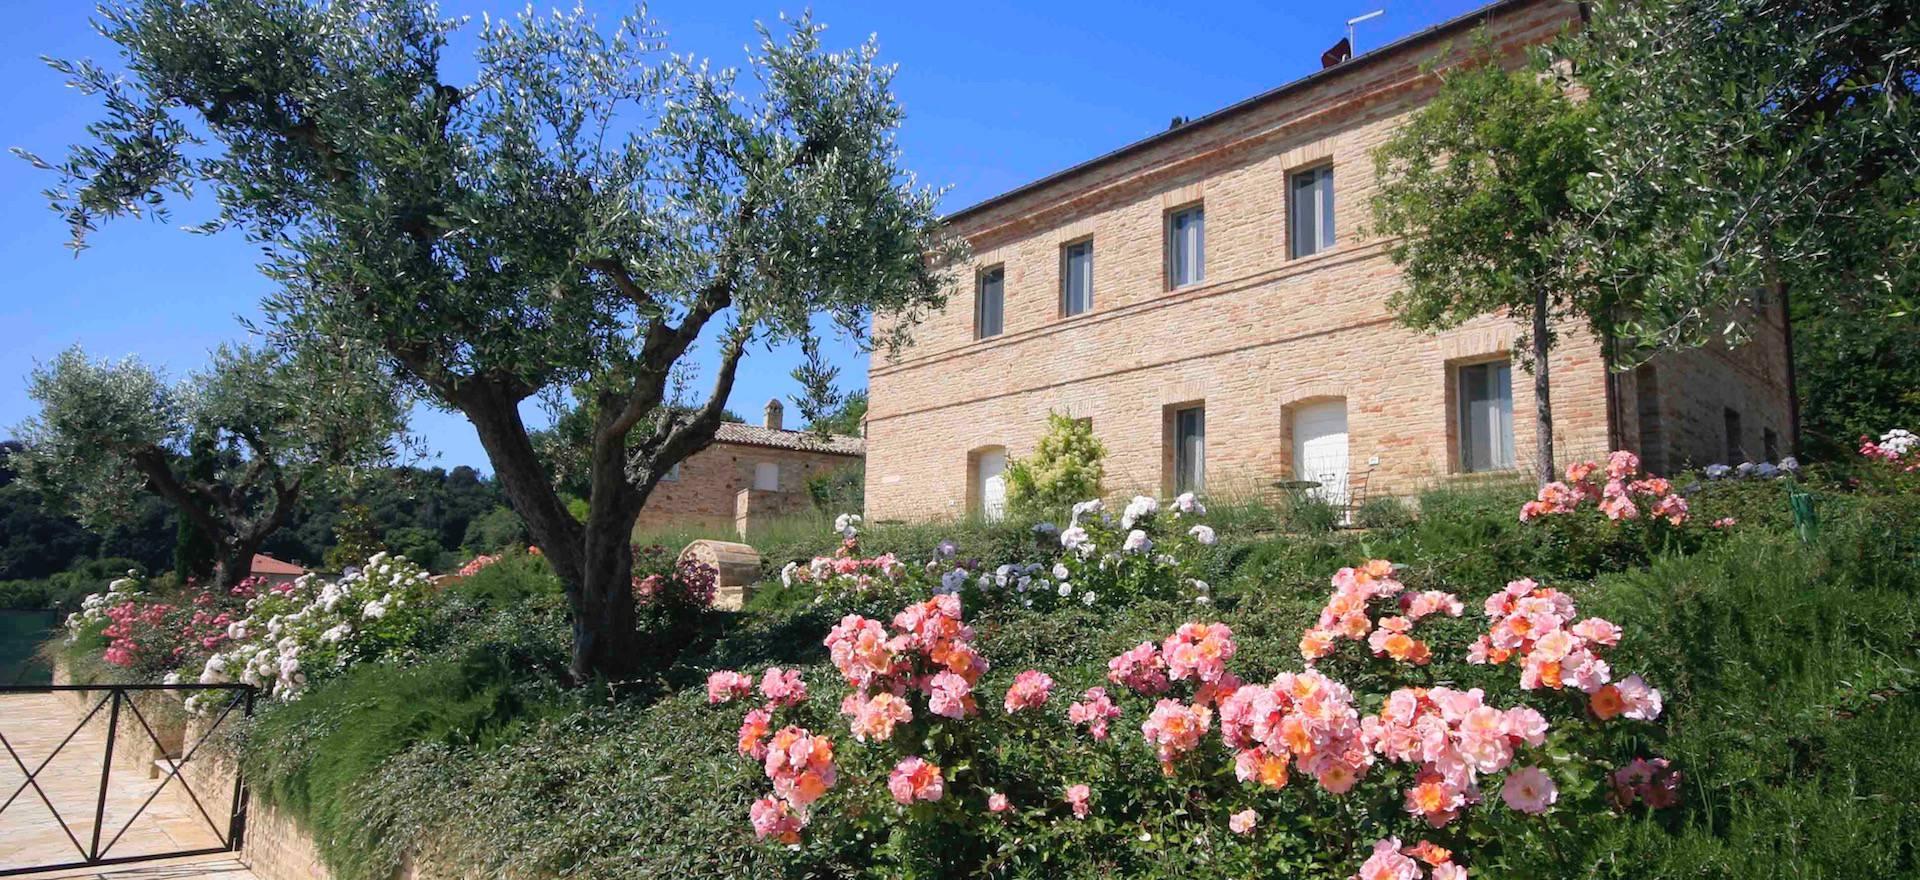 Agriturismo Le Marche Agriturismo le Marche, elegante kamers met zeezicht